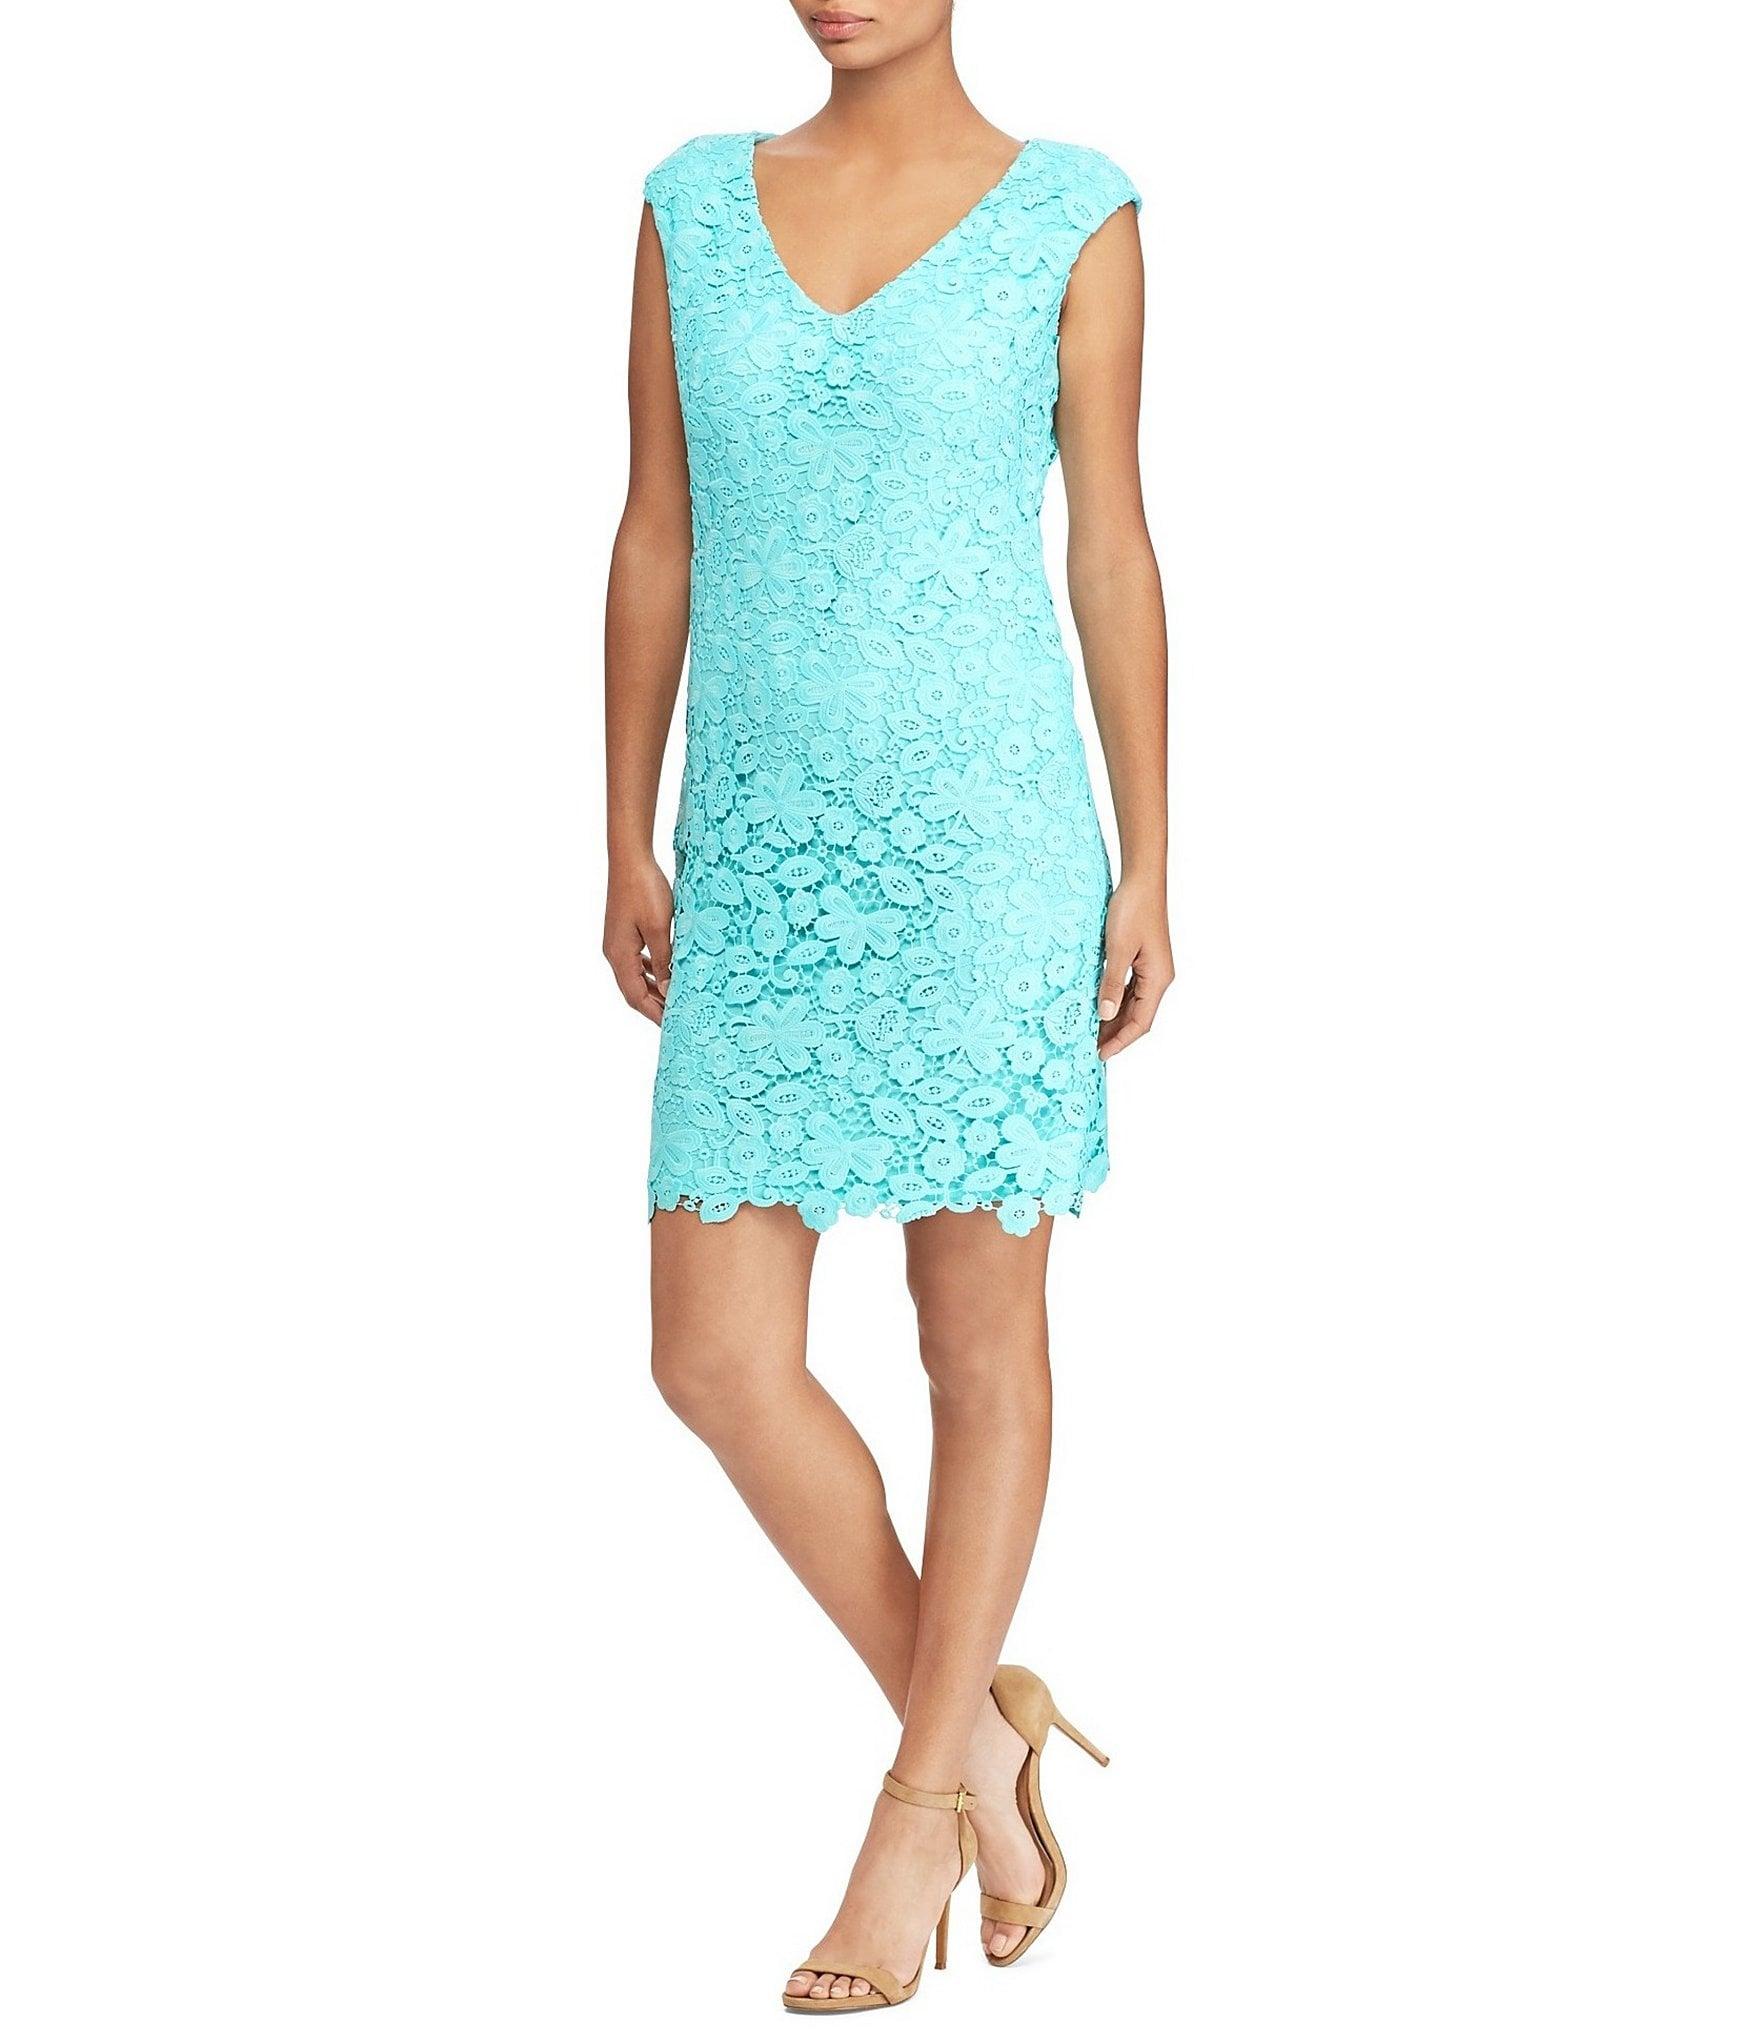 Lauren Ralph Lauren The Wedding Shop | Bridal Gowns & Wedding Party ...